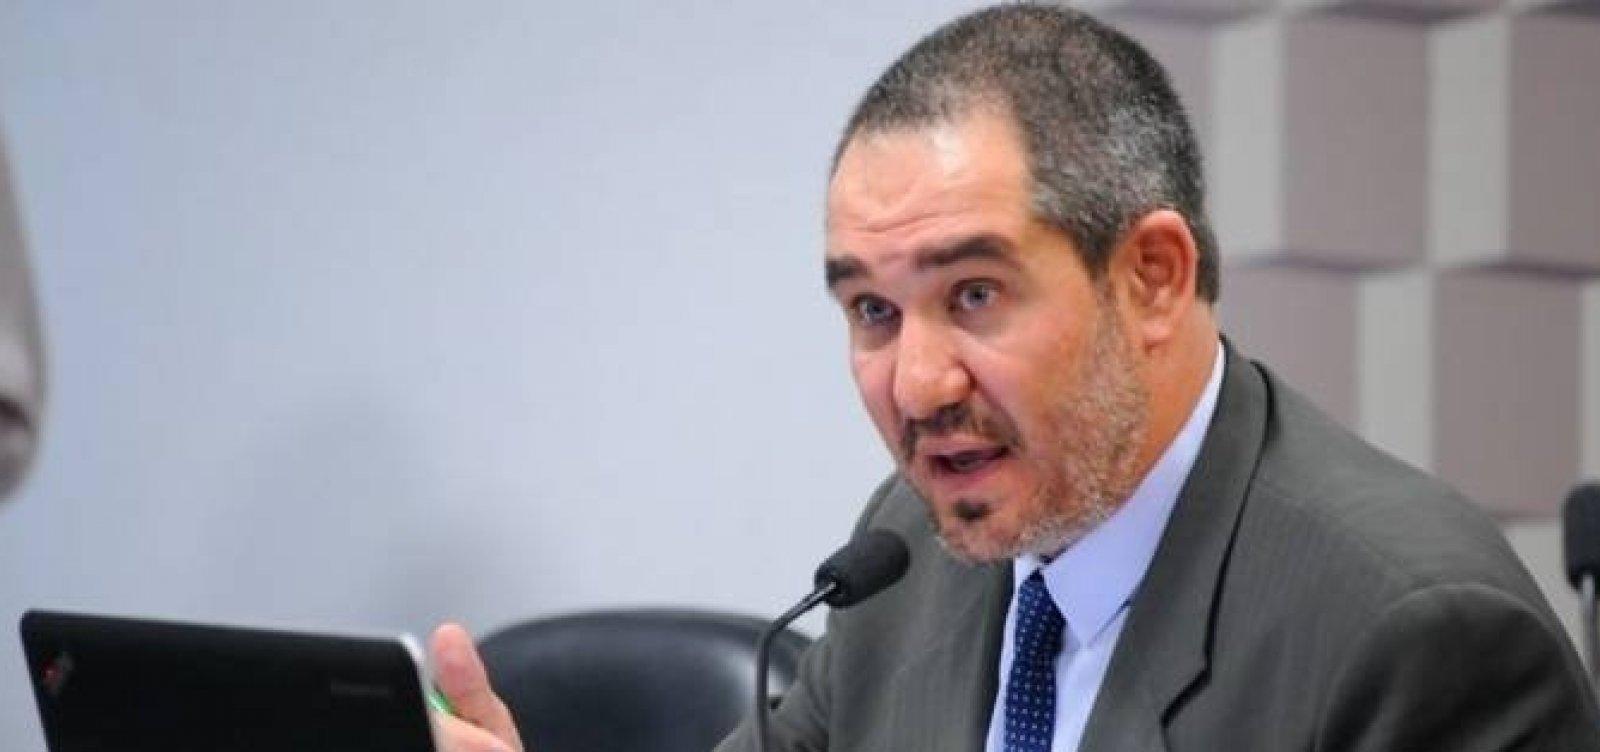 MPF denuncia presidente da Ancine